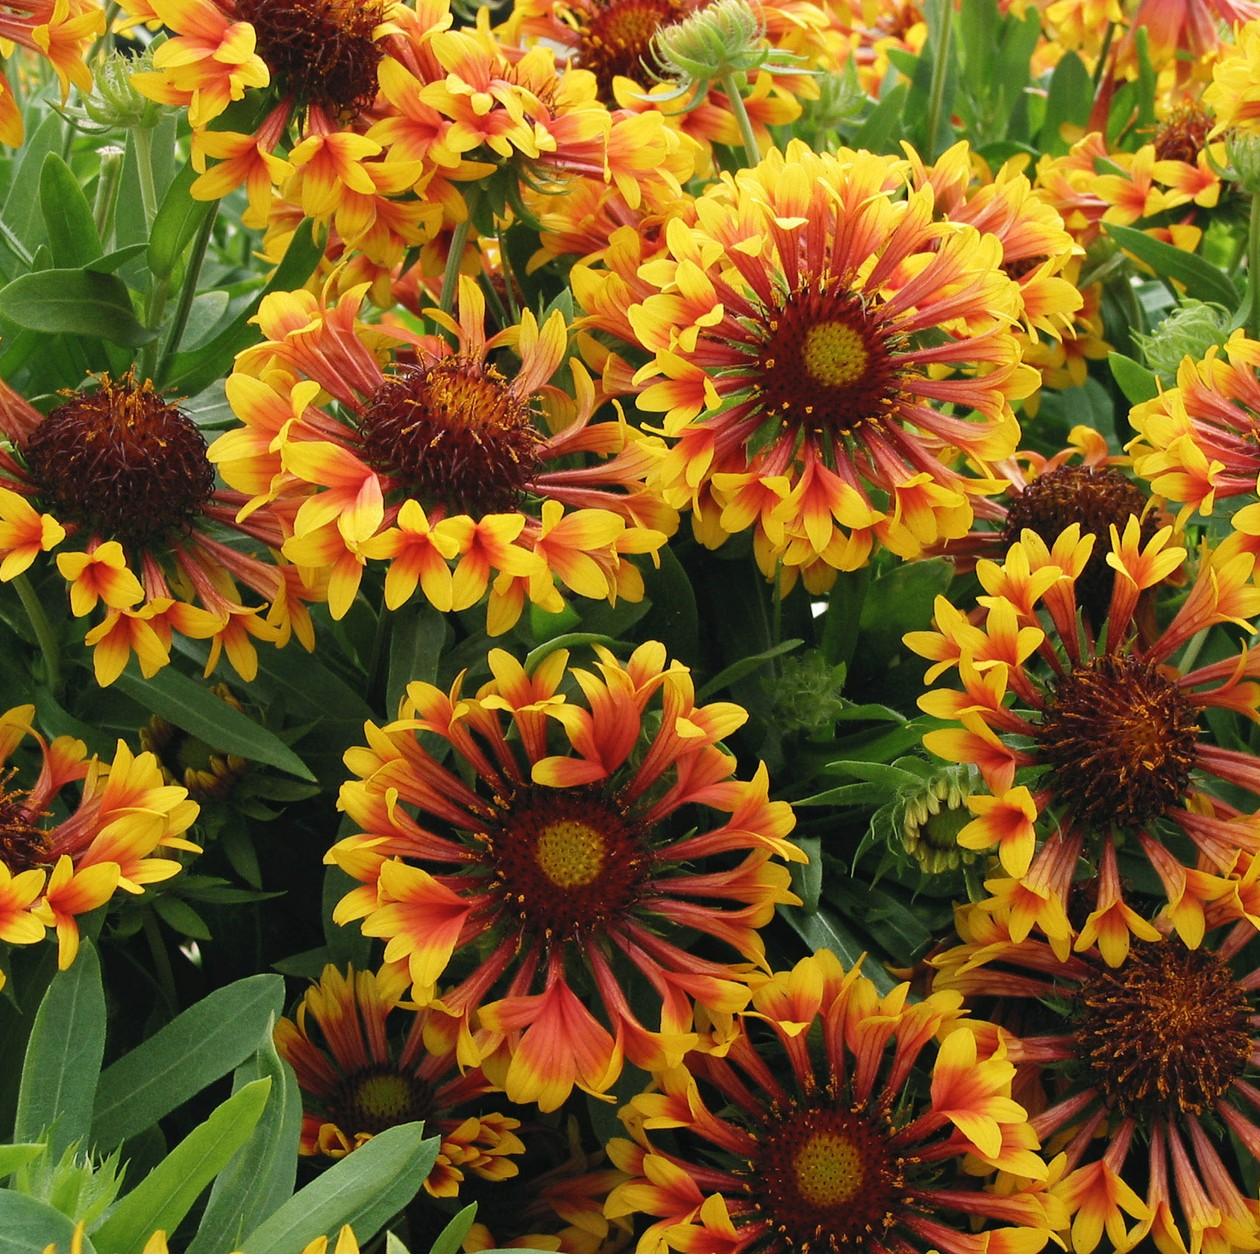 Blanket Flower Fanfare Gaillardia Thetreefarm